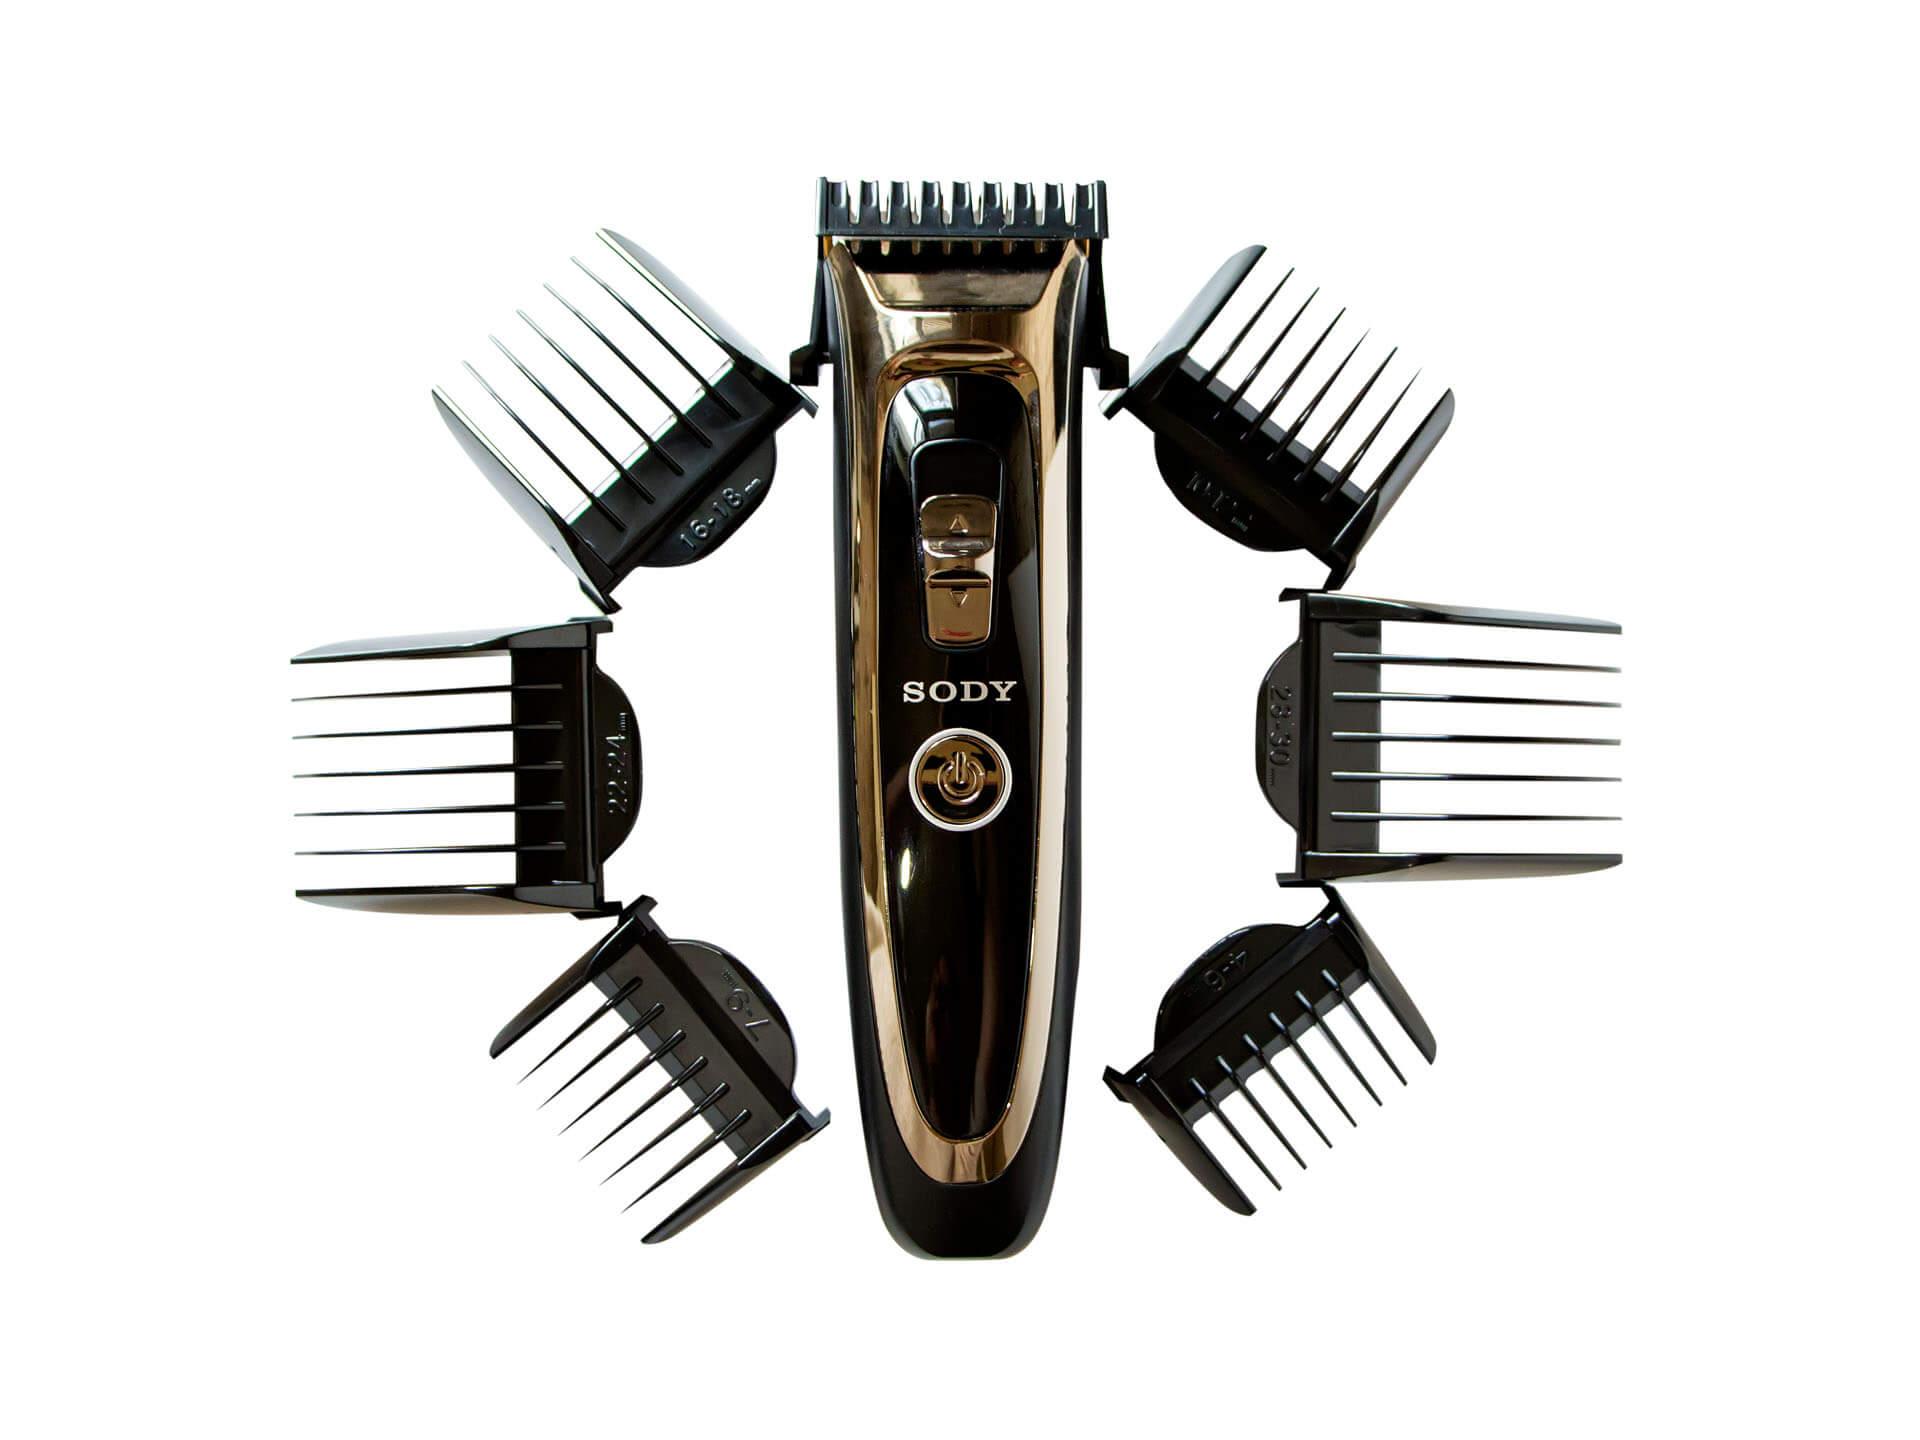 Машинка для стрижки волос SODY SD 2022 Professional 3